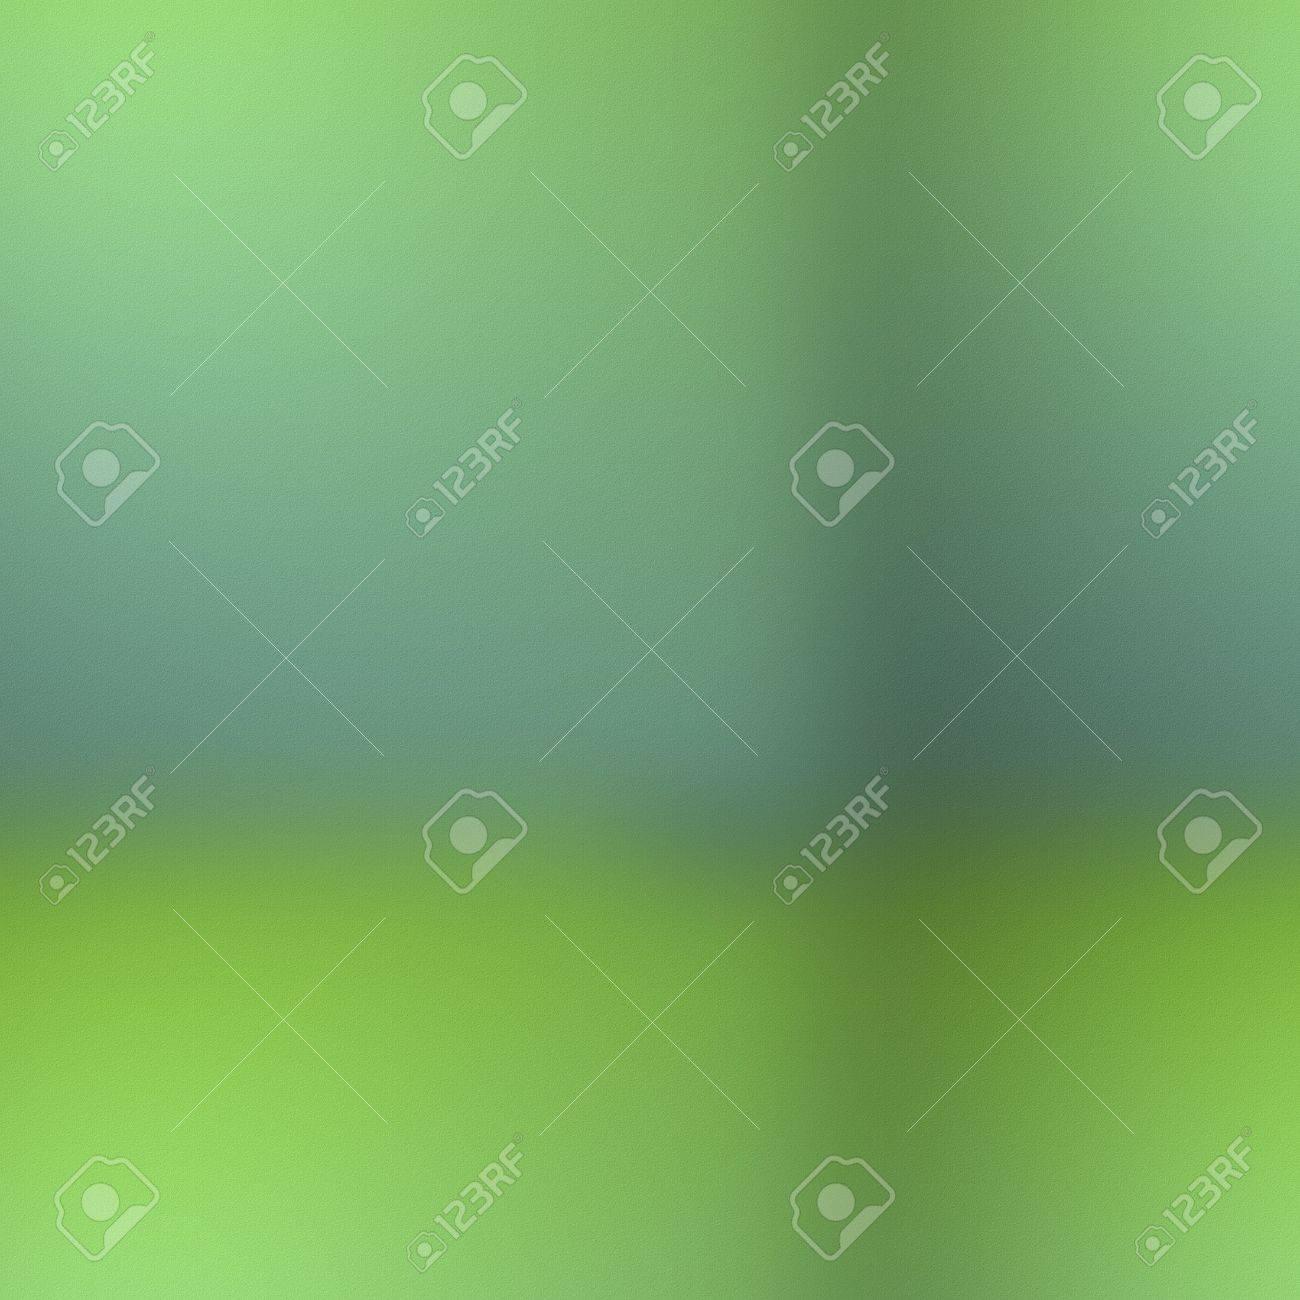 グリーン ターコイズ壁紙 少しだけはターコイズ色のシームレスなタイルできる背景をエンボス加工 の写真素材 画像素材 Image